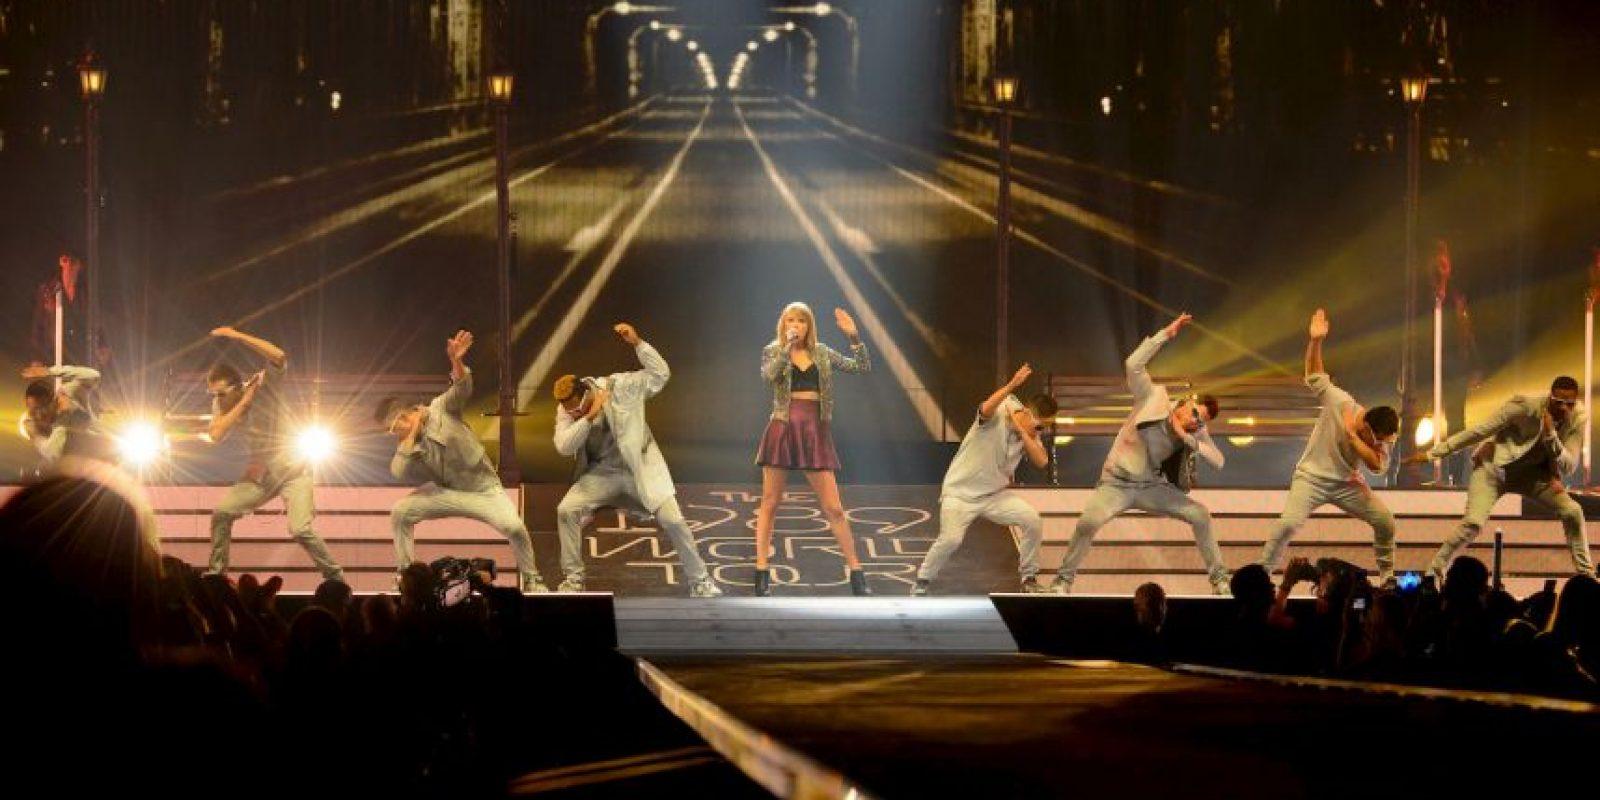 """Su más reciente video """"Bad Blood"""" fue estrenado durante la noche de los Billboard Music Awards a nivel mundial. Foto:Getty Images"""